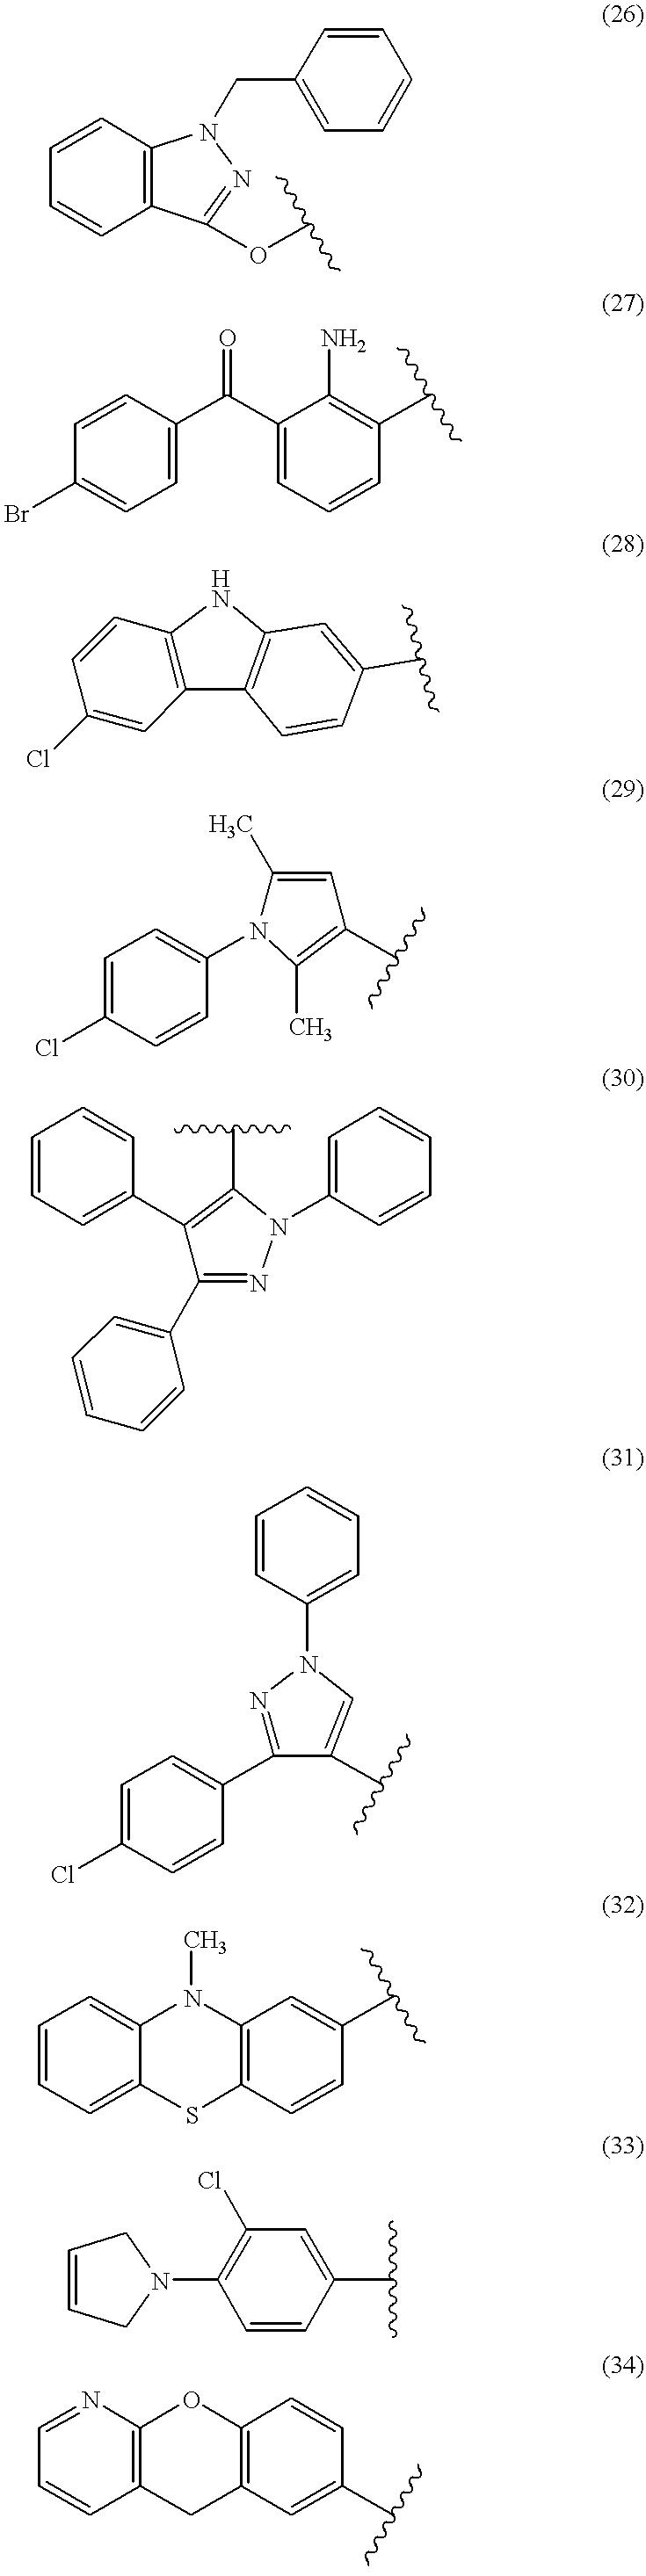 Figure US06297260-20011002-C00005